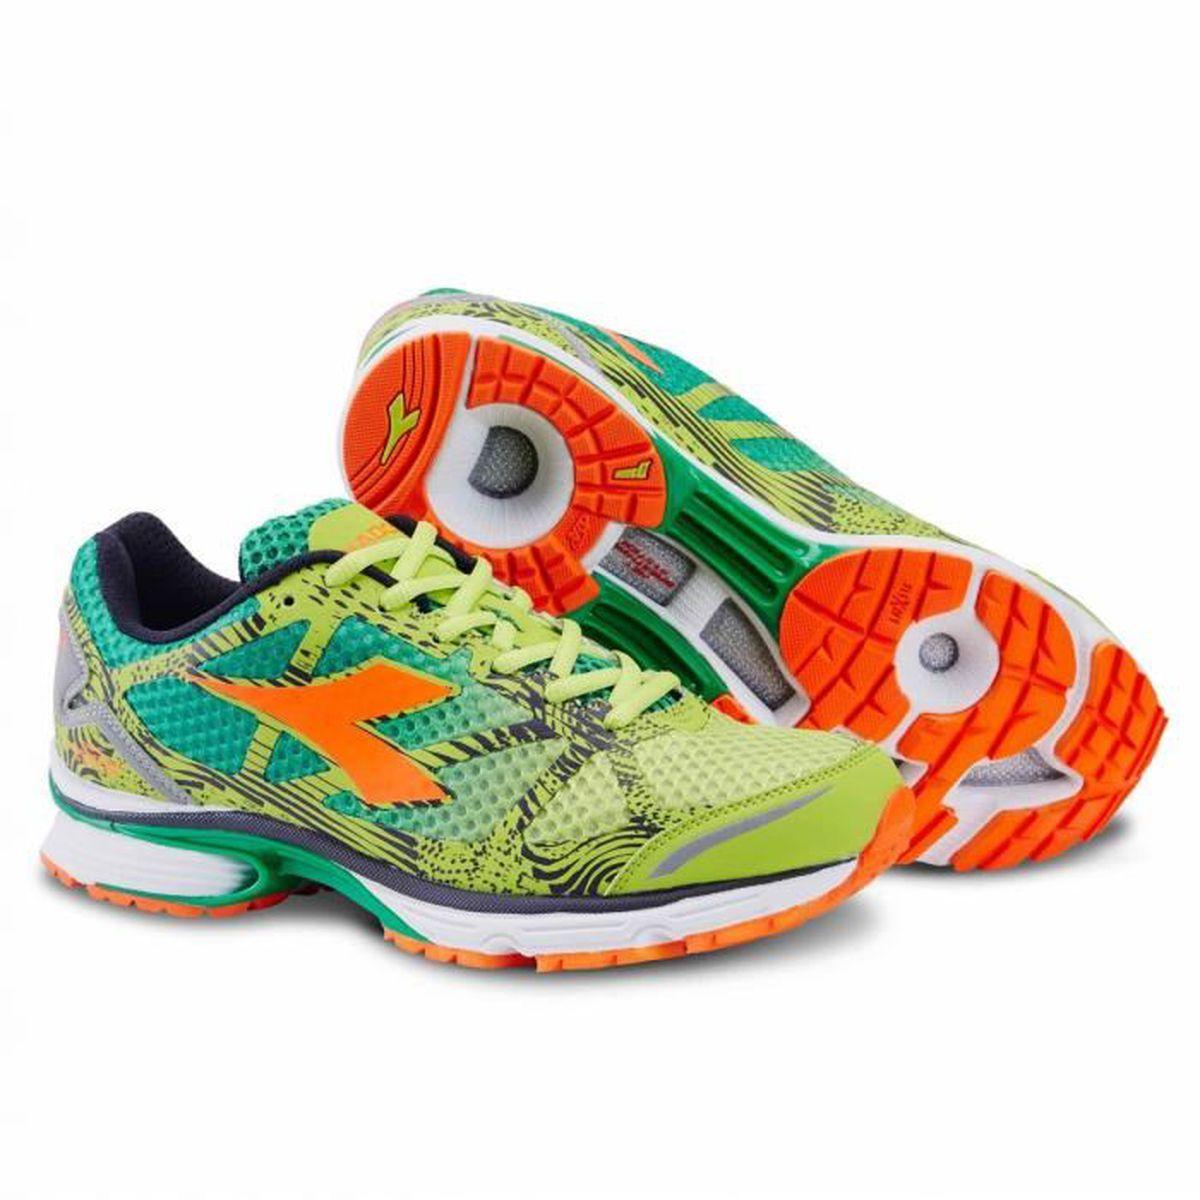 N Sh170097 Prix 3 6100 Green Light Diadora Chaussures Running De tHqTBT